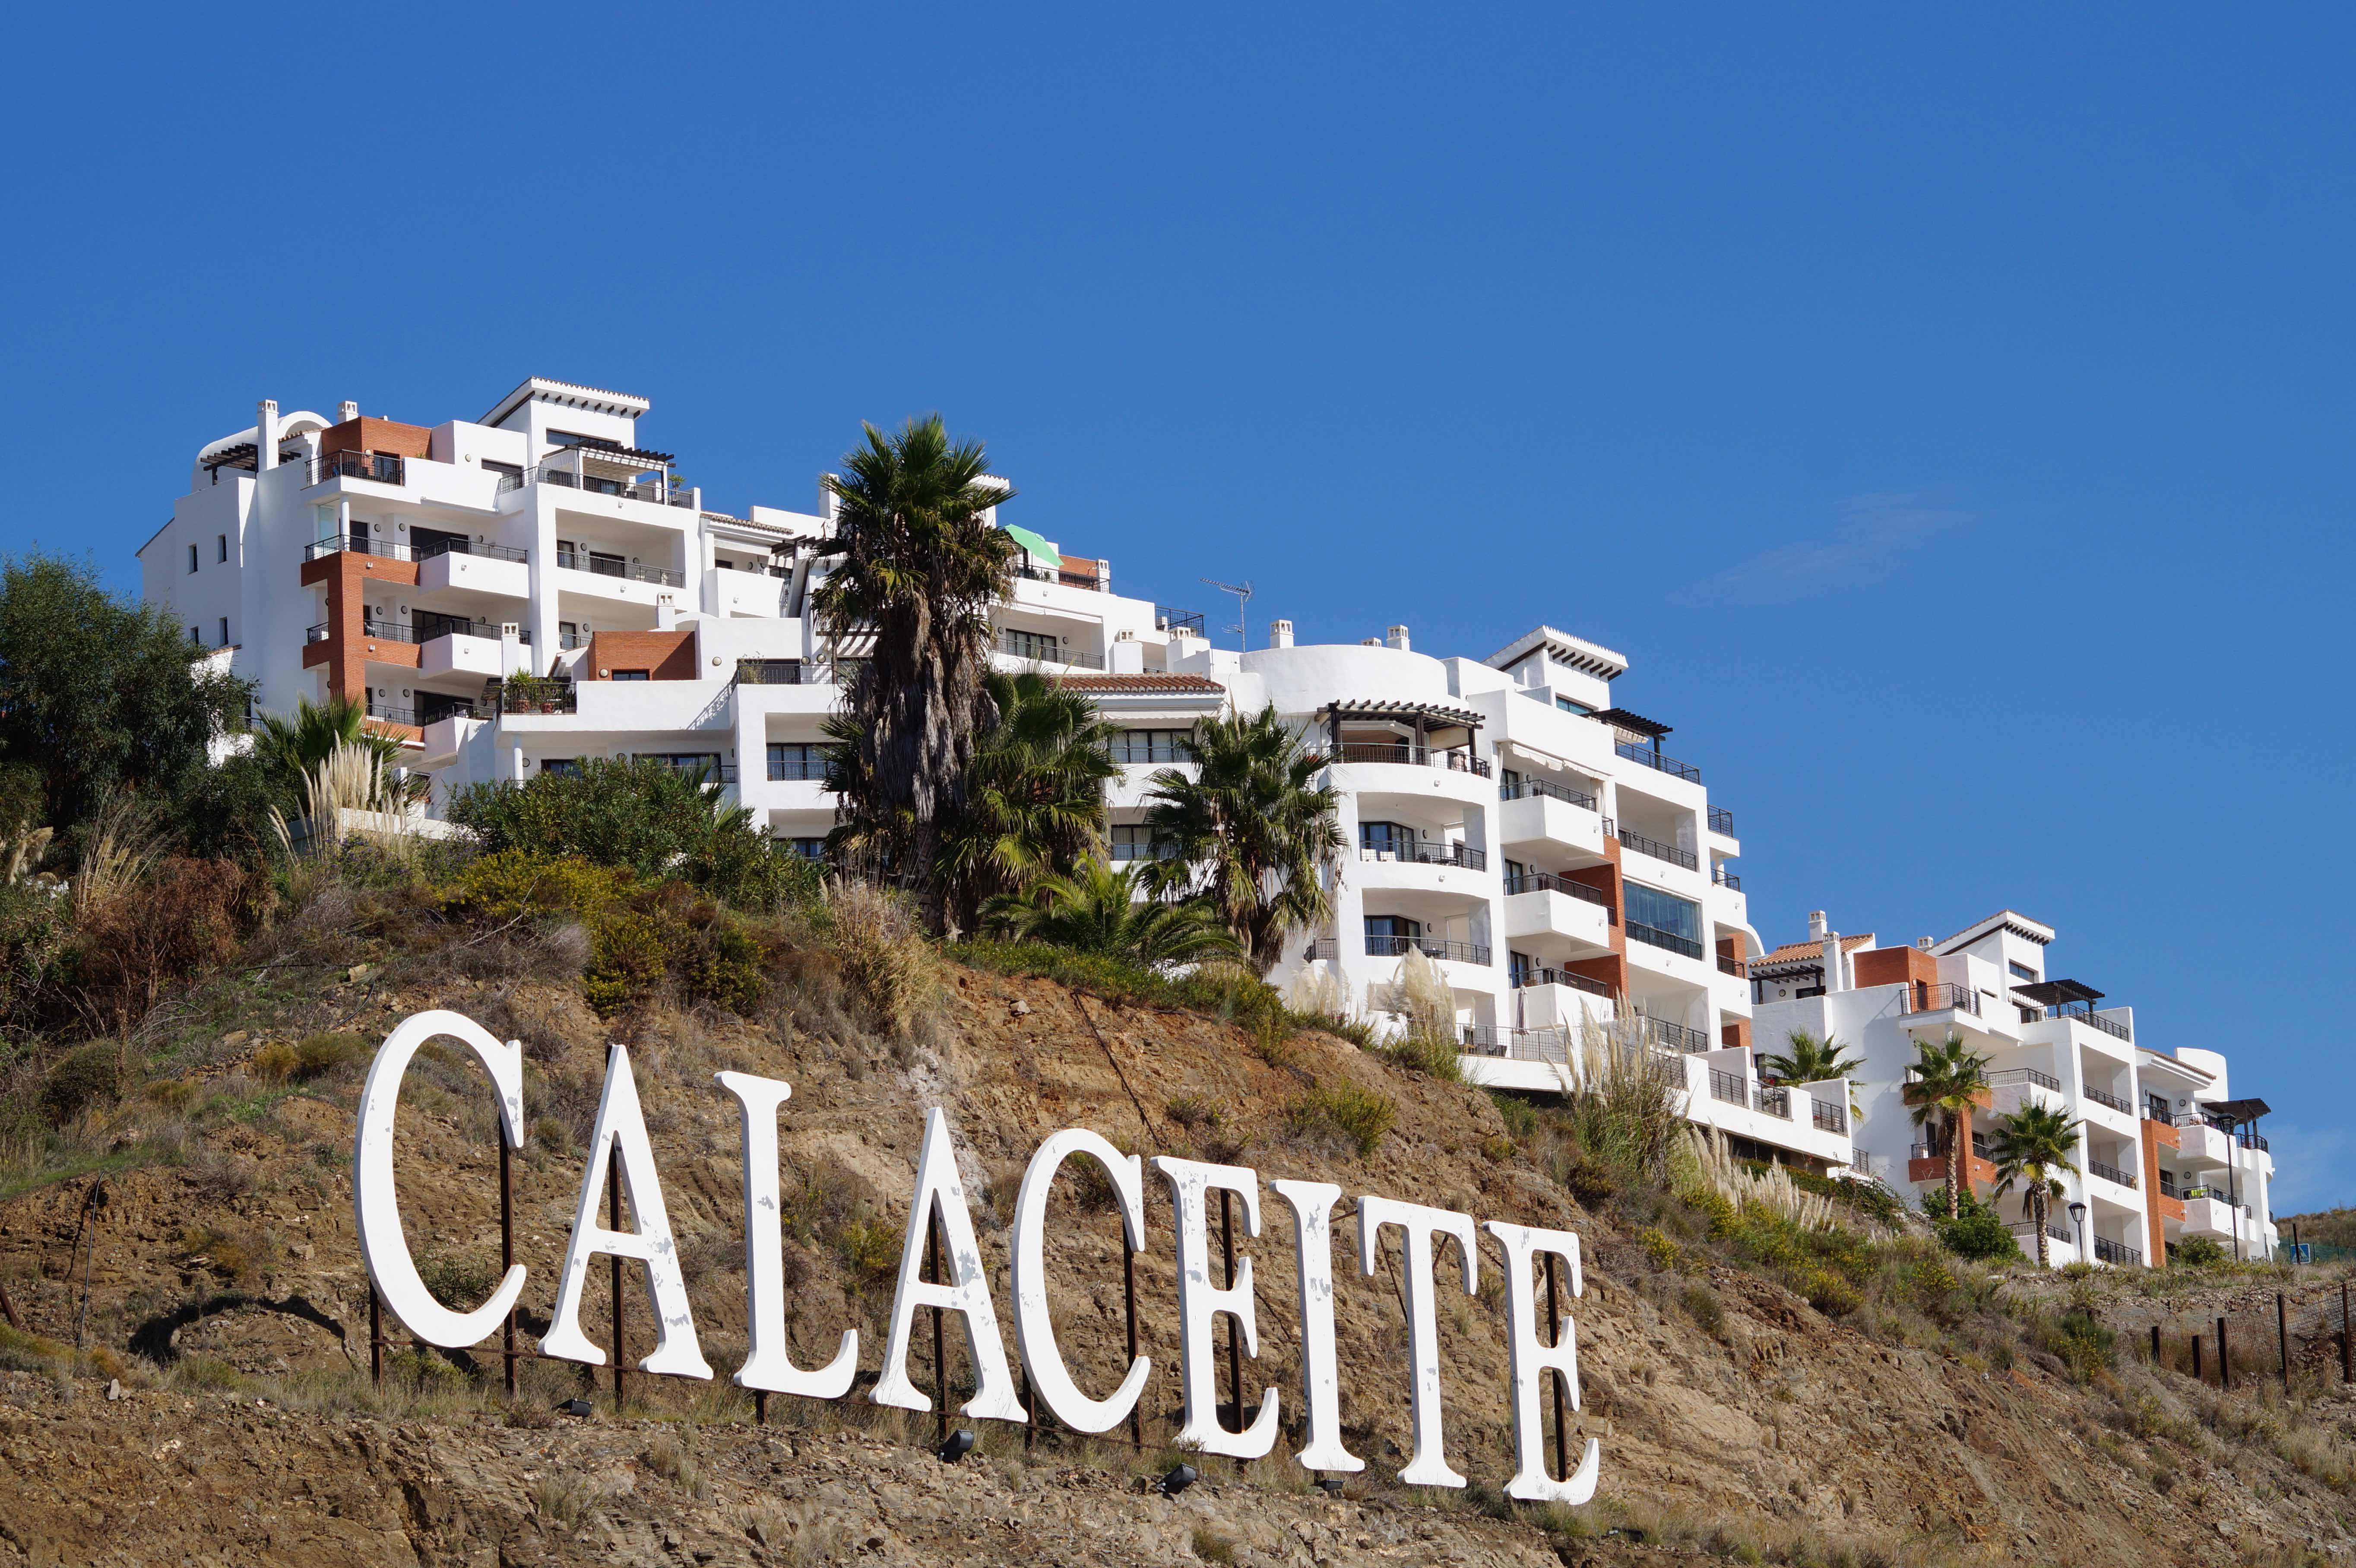 Blick auf die Apartment-Anlage Fuerte Calaceite, Torrox Costa